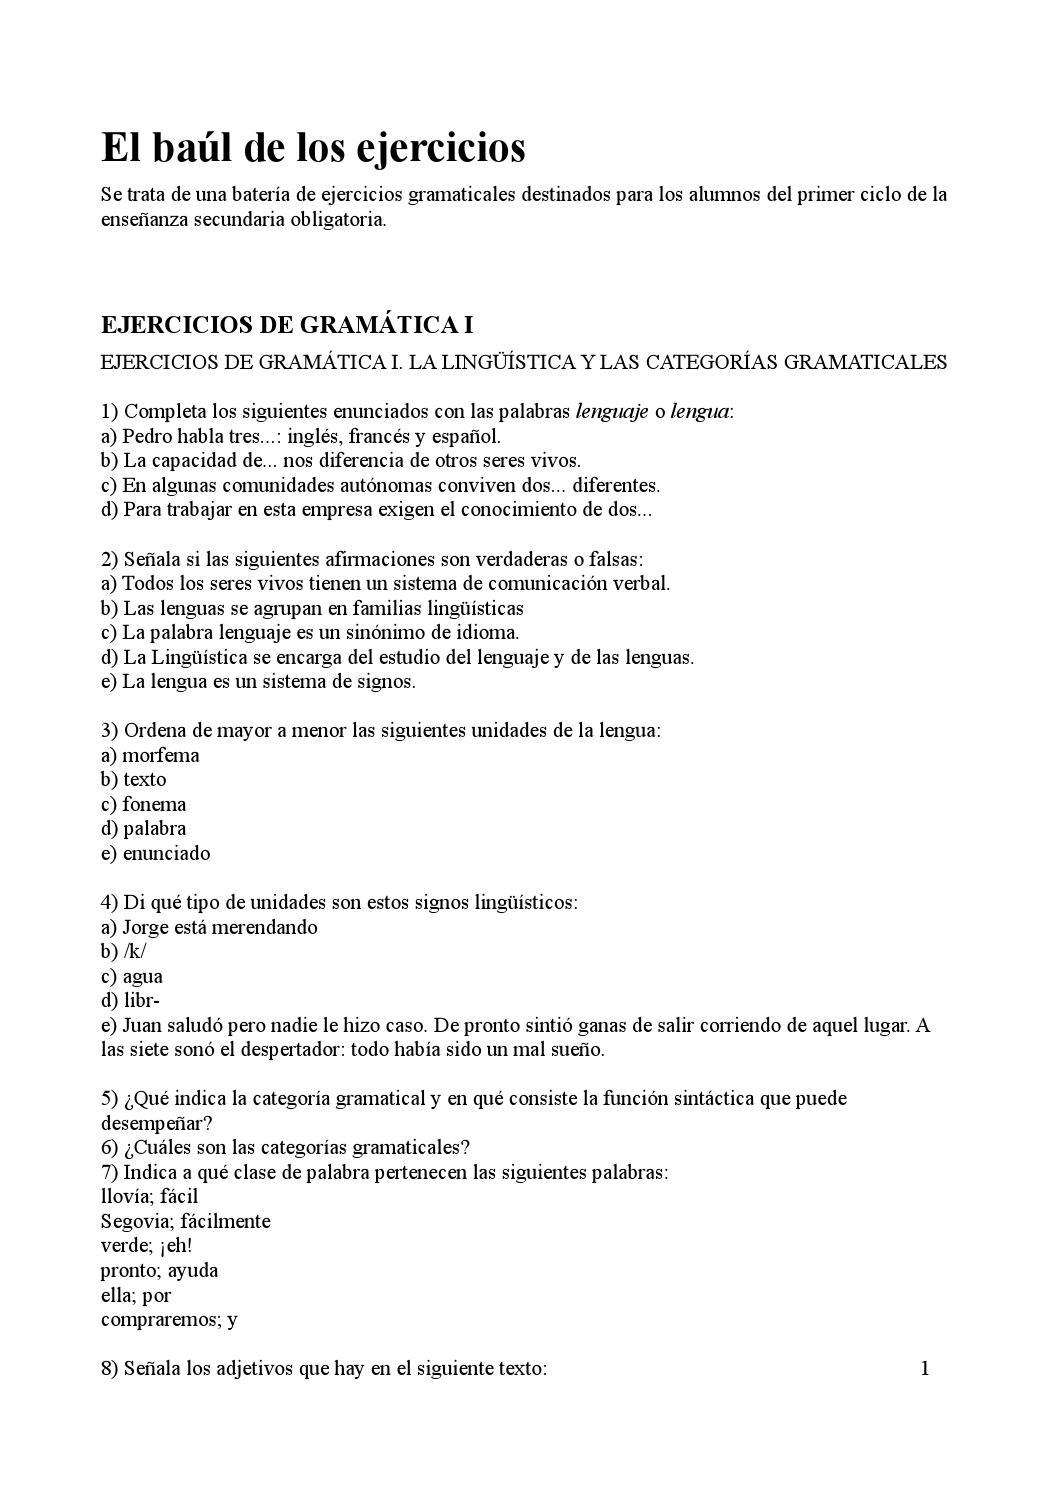 Ejercicios de gram tica by patro issuu for En y frances ejercicios